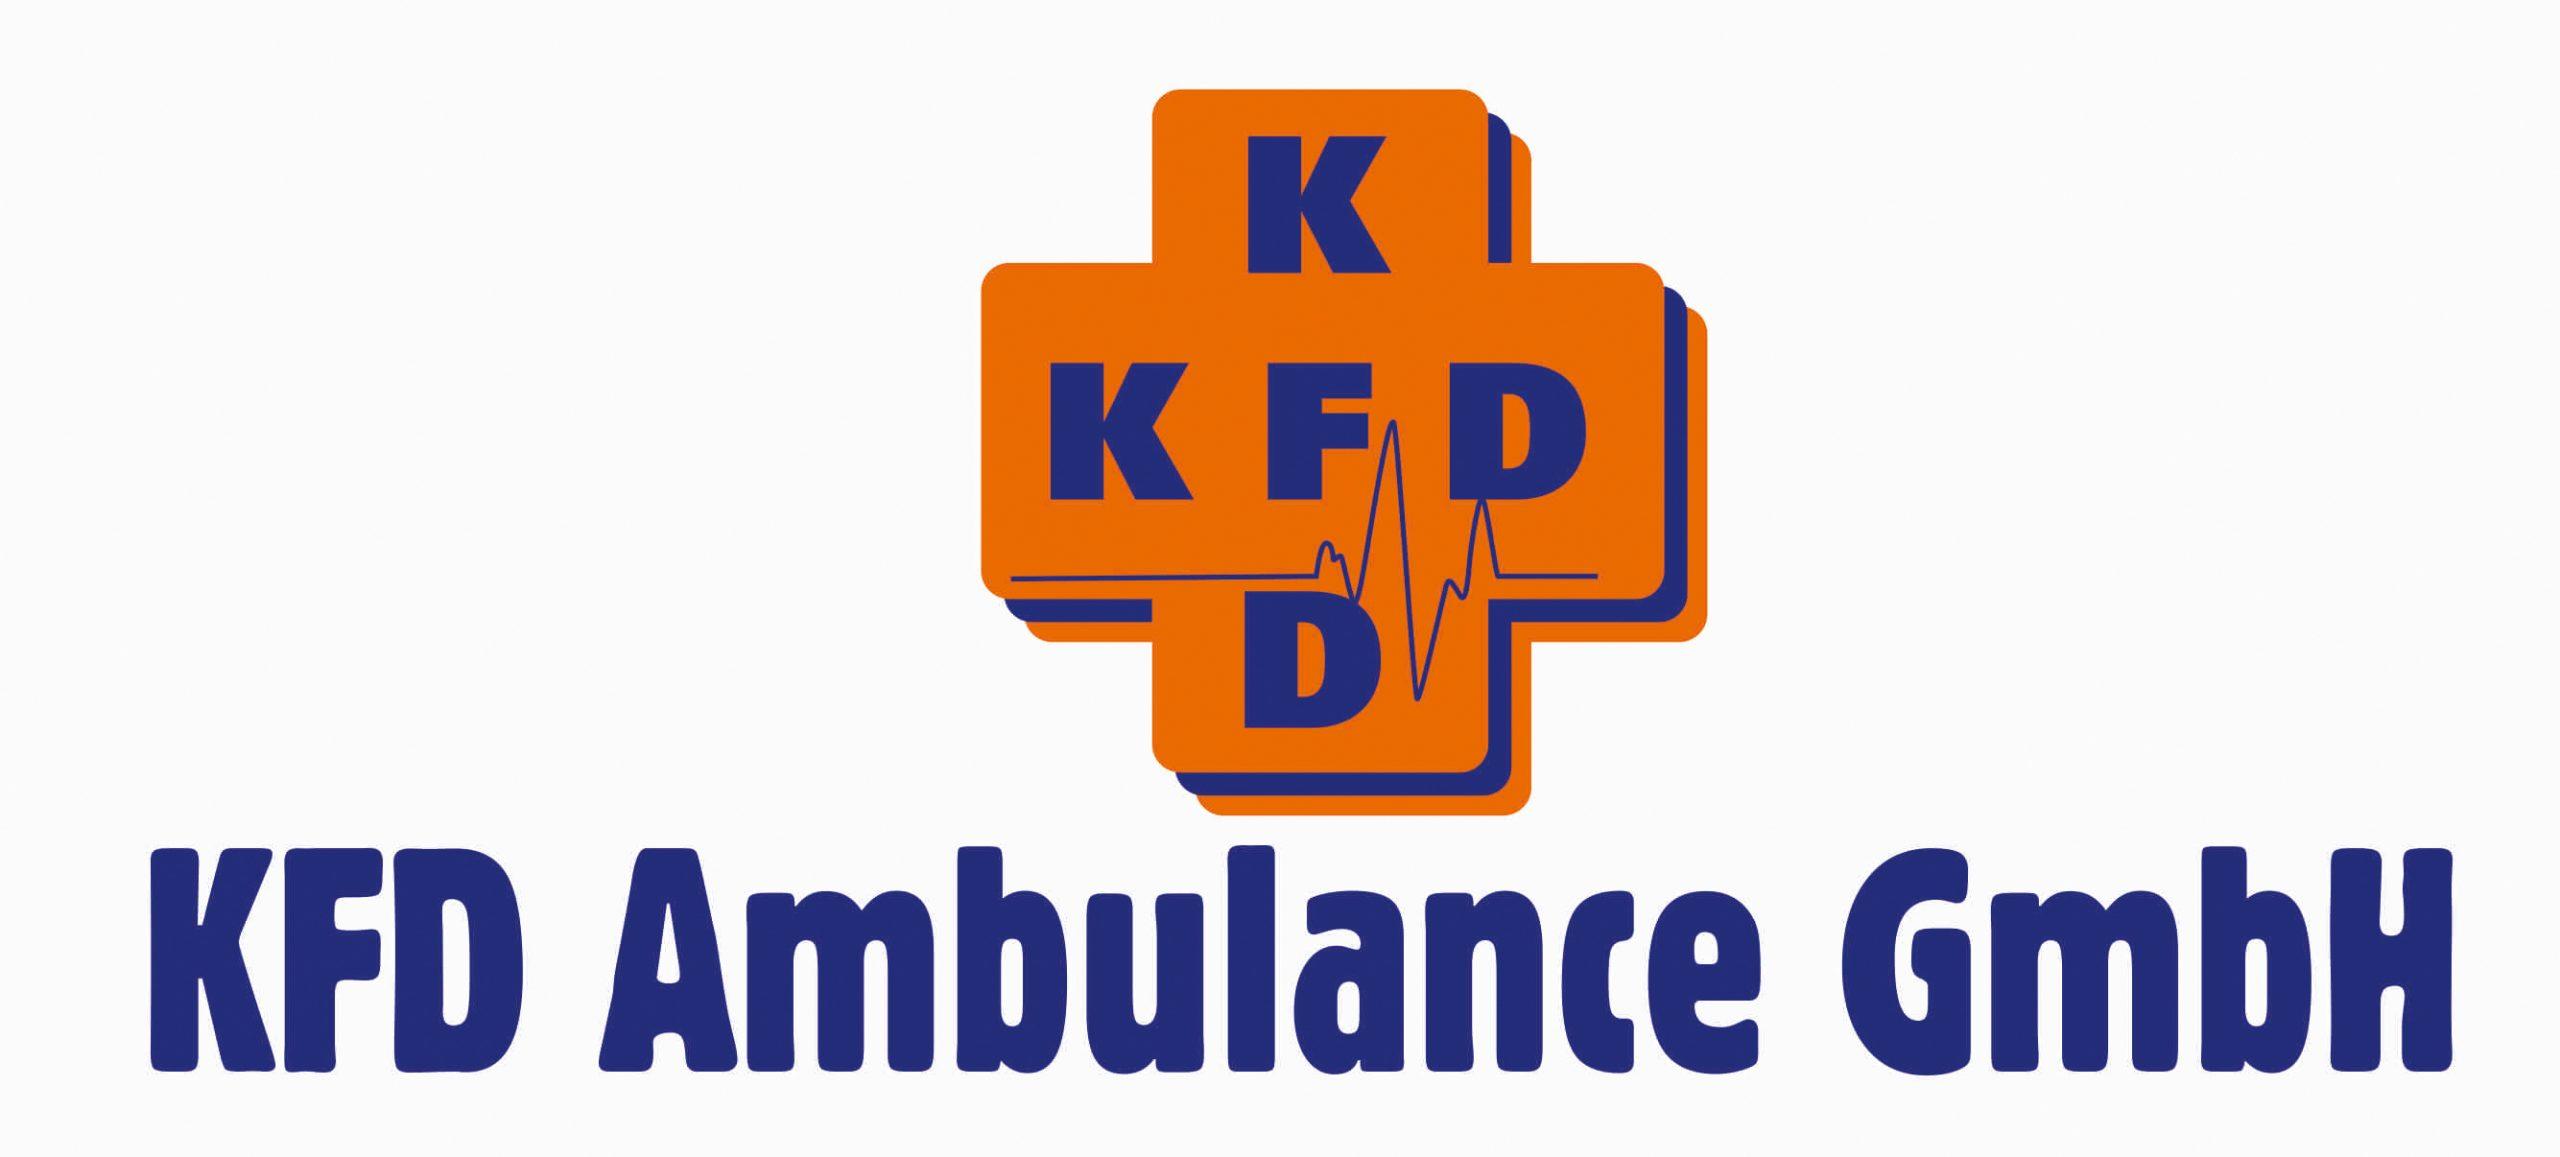 KFD Ambulance Gmbh Logo